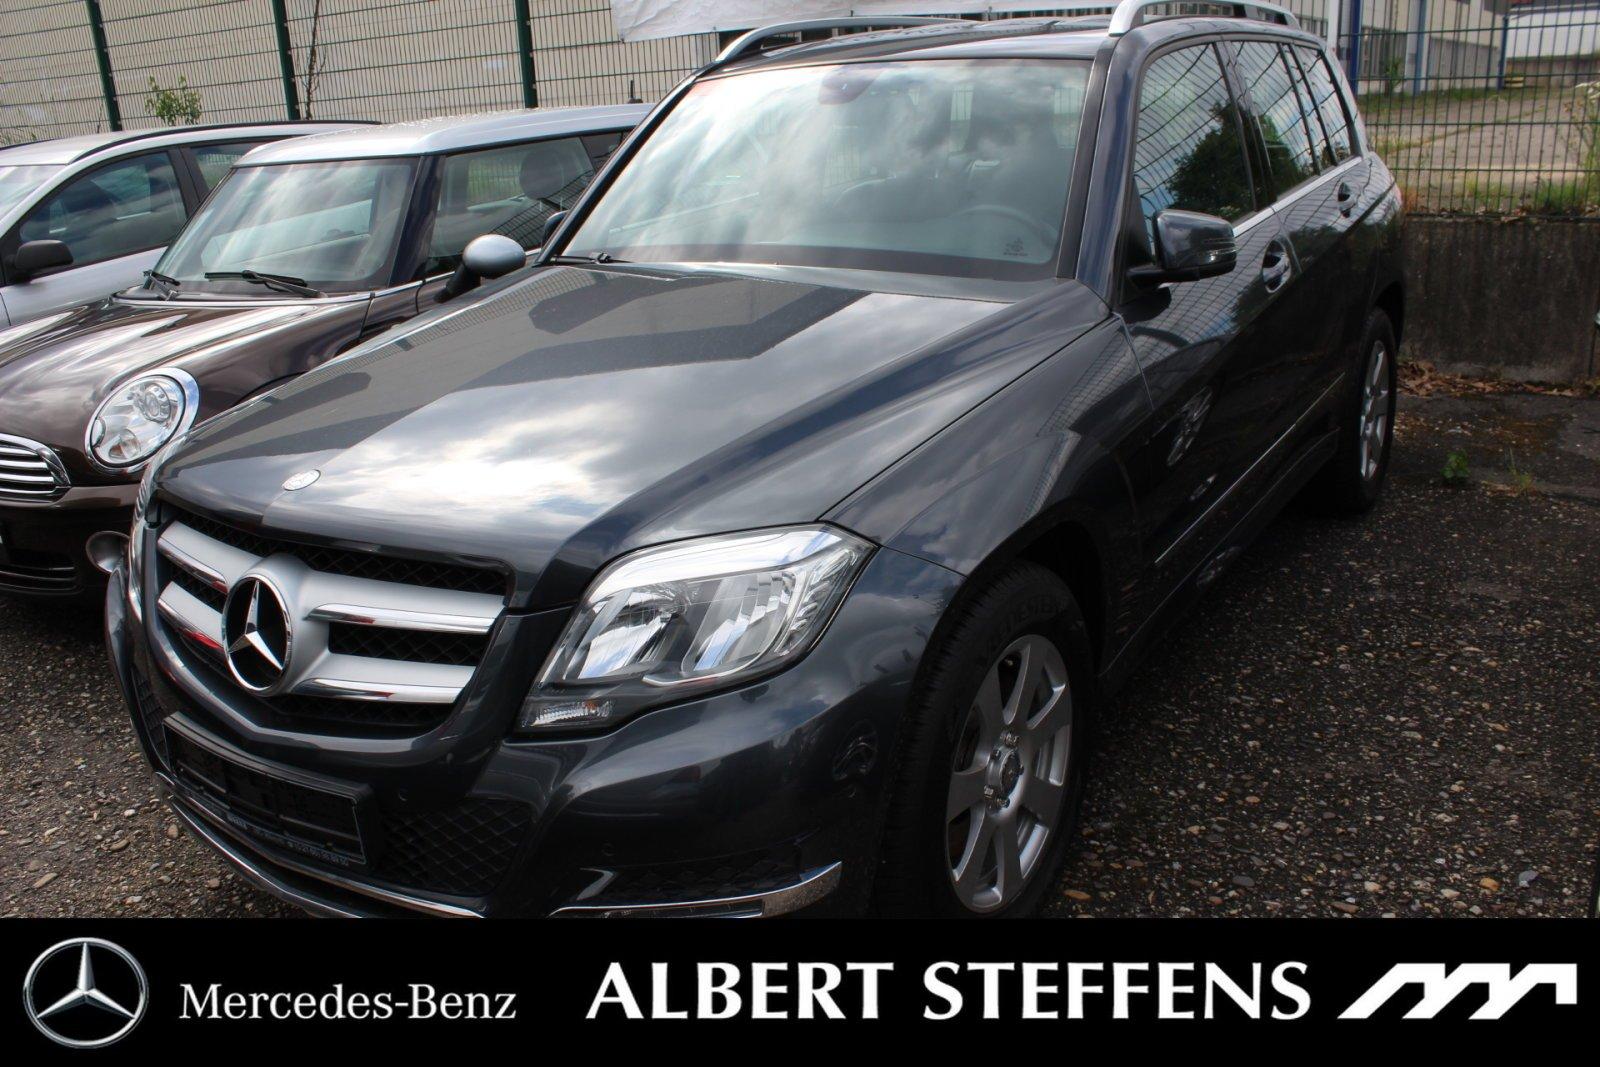 Mercedes-Benz GLK 200 CDI BlueEFFICIENCY Spiegel-Pkt*PTC* BC, Jahr 2012, diesel